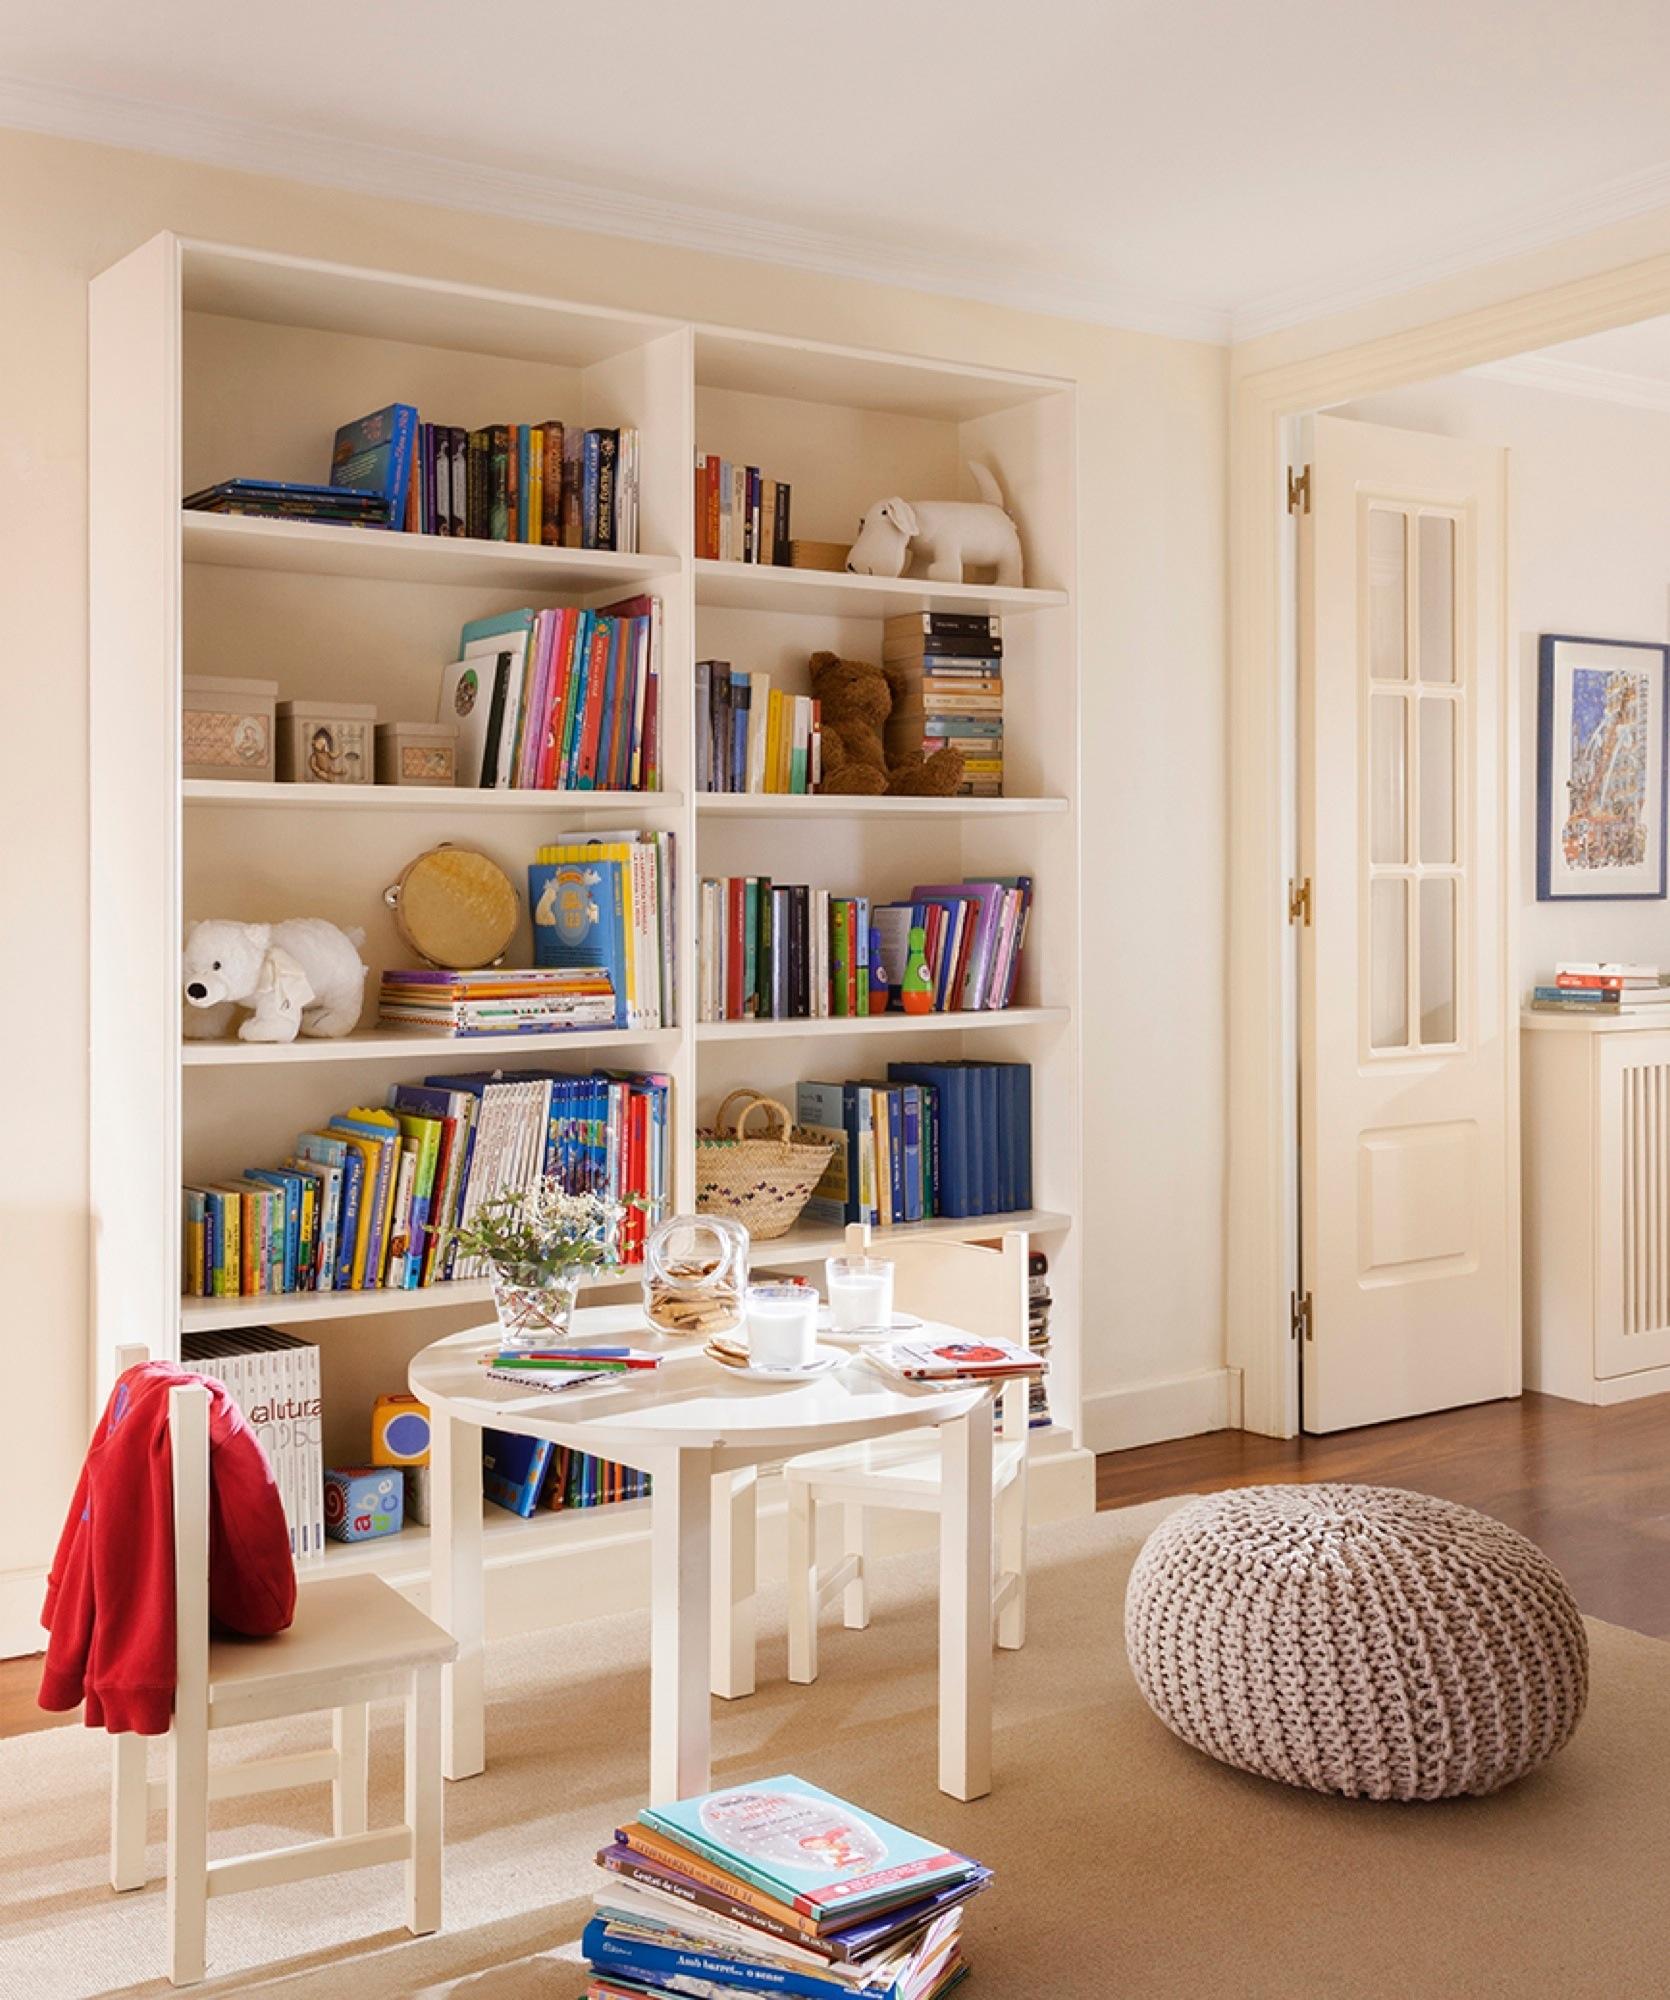 Muebles De Ni Os De Dise O En El Mueble # Muebles Funcionales Para Ninos